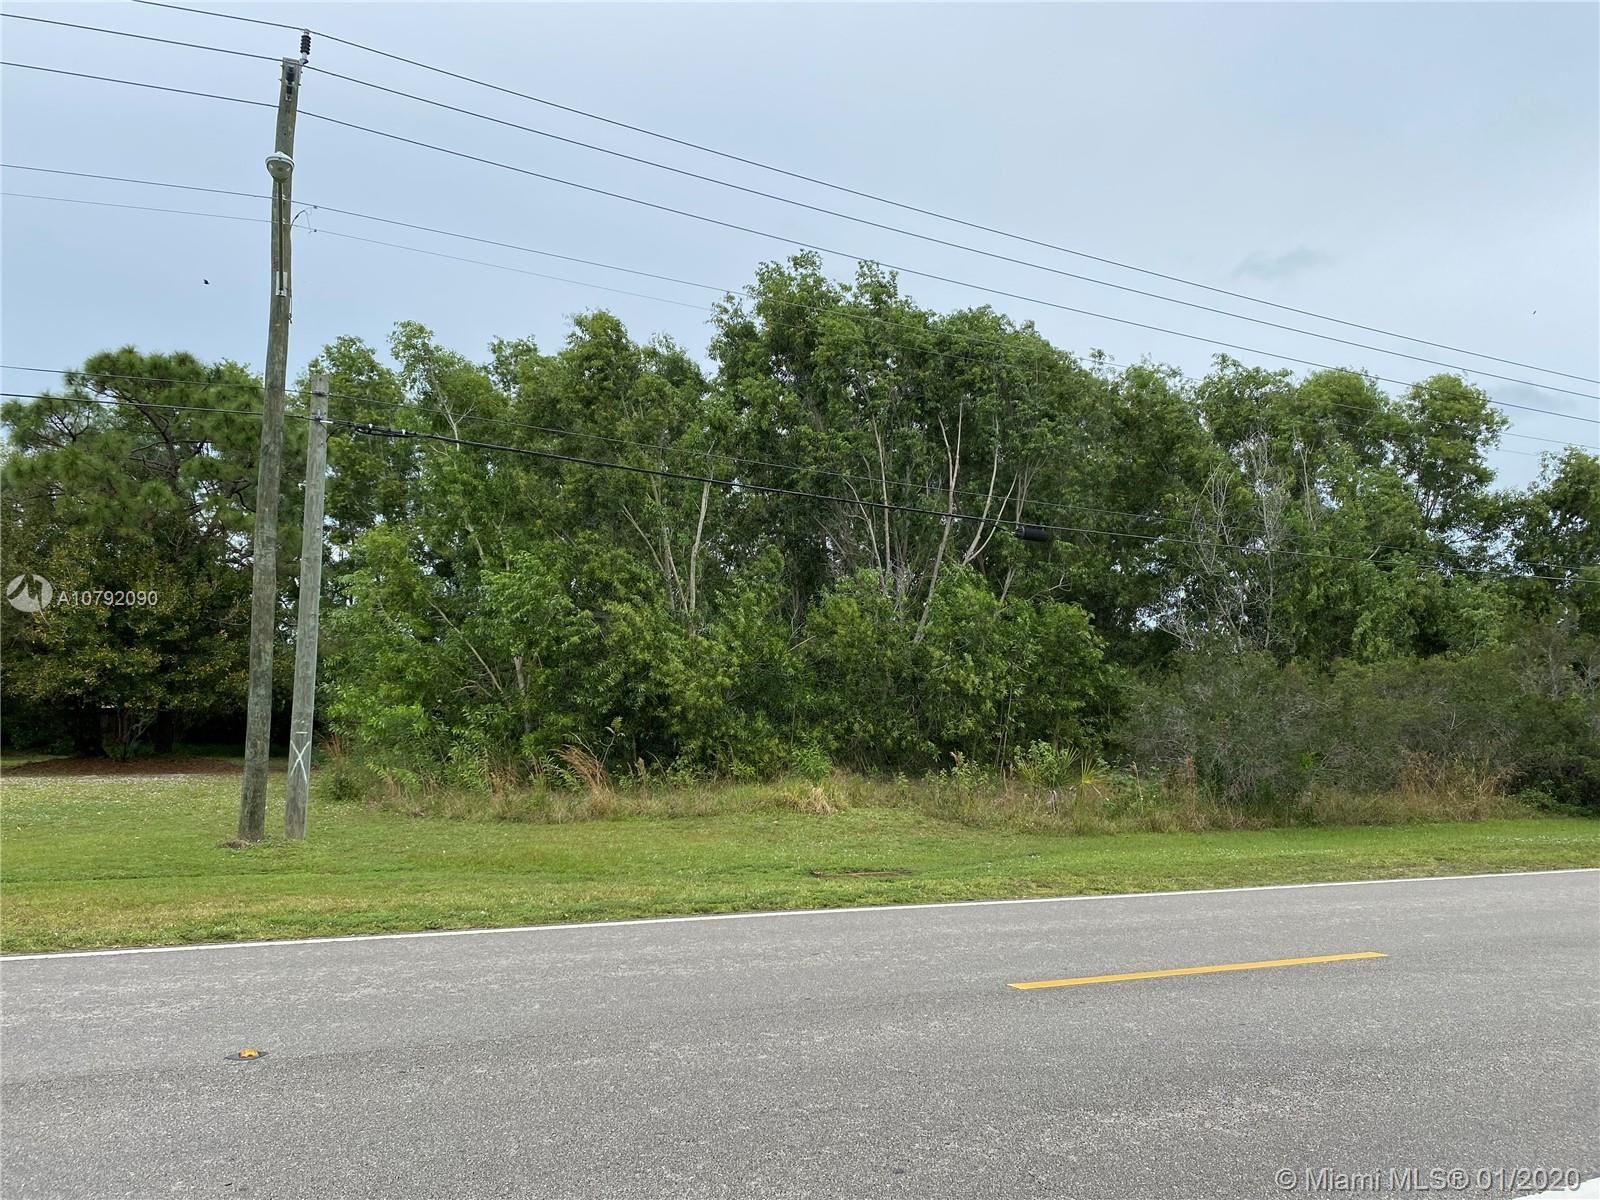 1012 Bayshore Blvd, Port St. Lucie, FL 34983